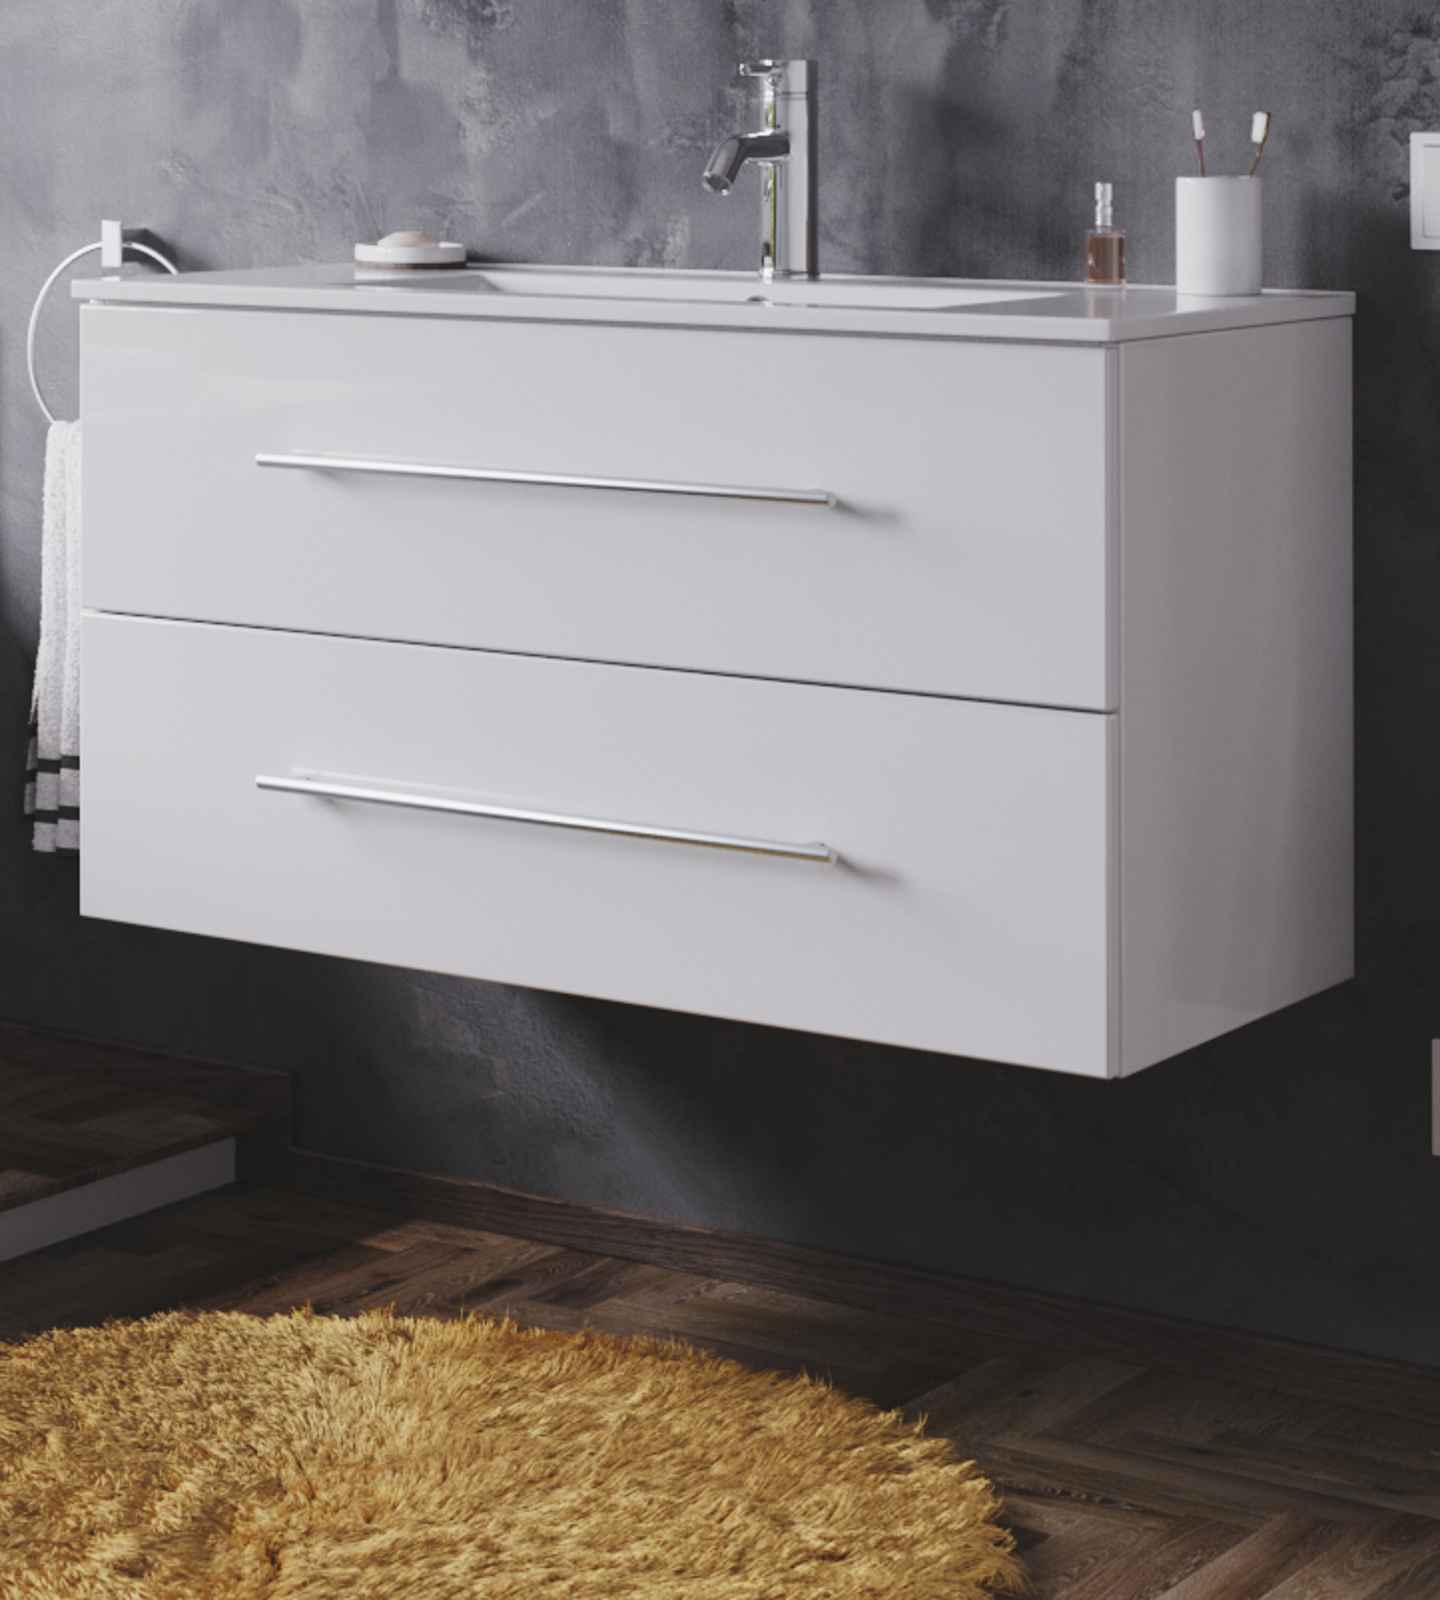 Waschbeckenunterschrank Homeline in Hochglanz weiß Waschtisch hängend inkl.  Waschbecken 20 teilig 20 x 20 cm